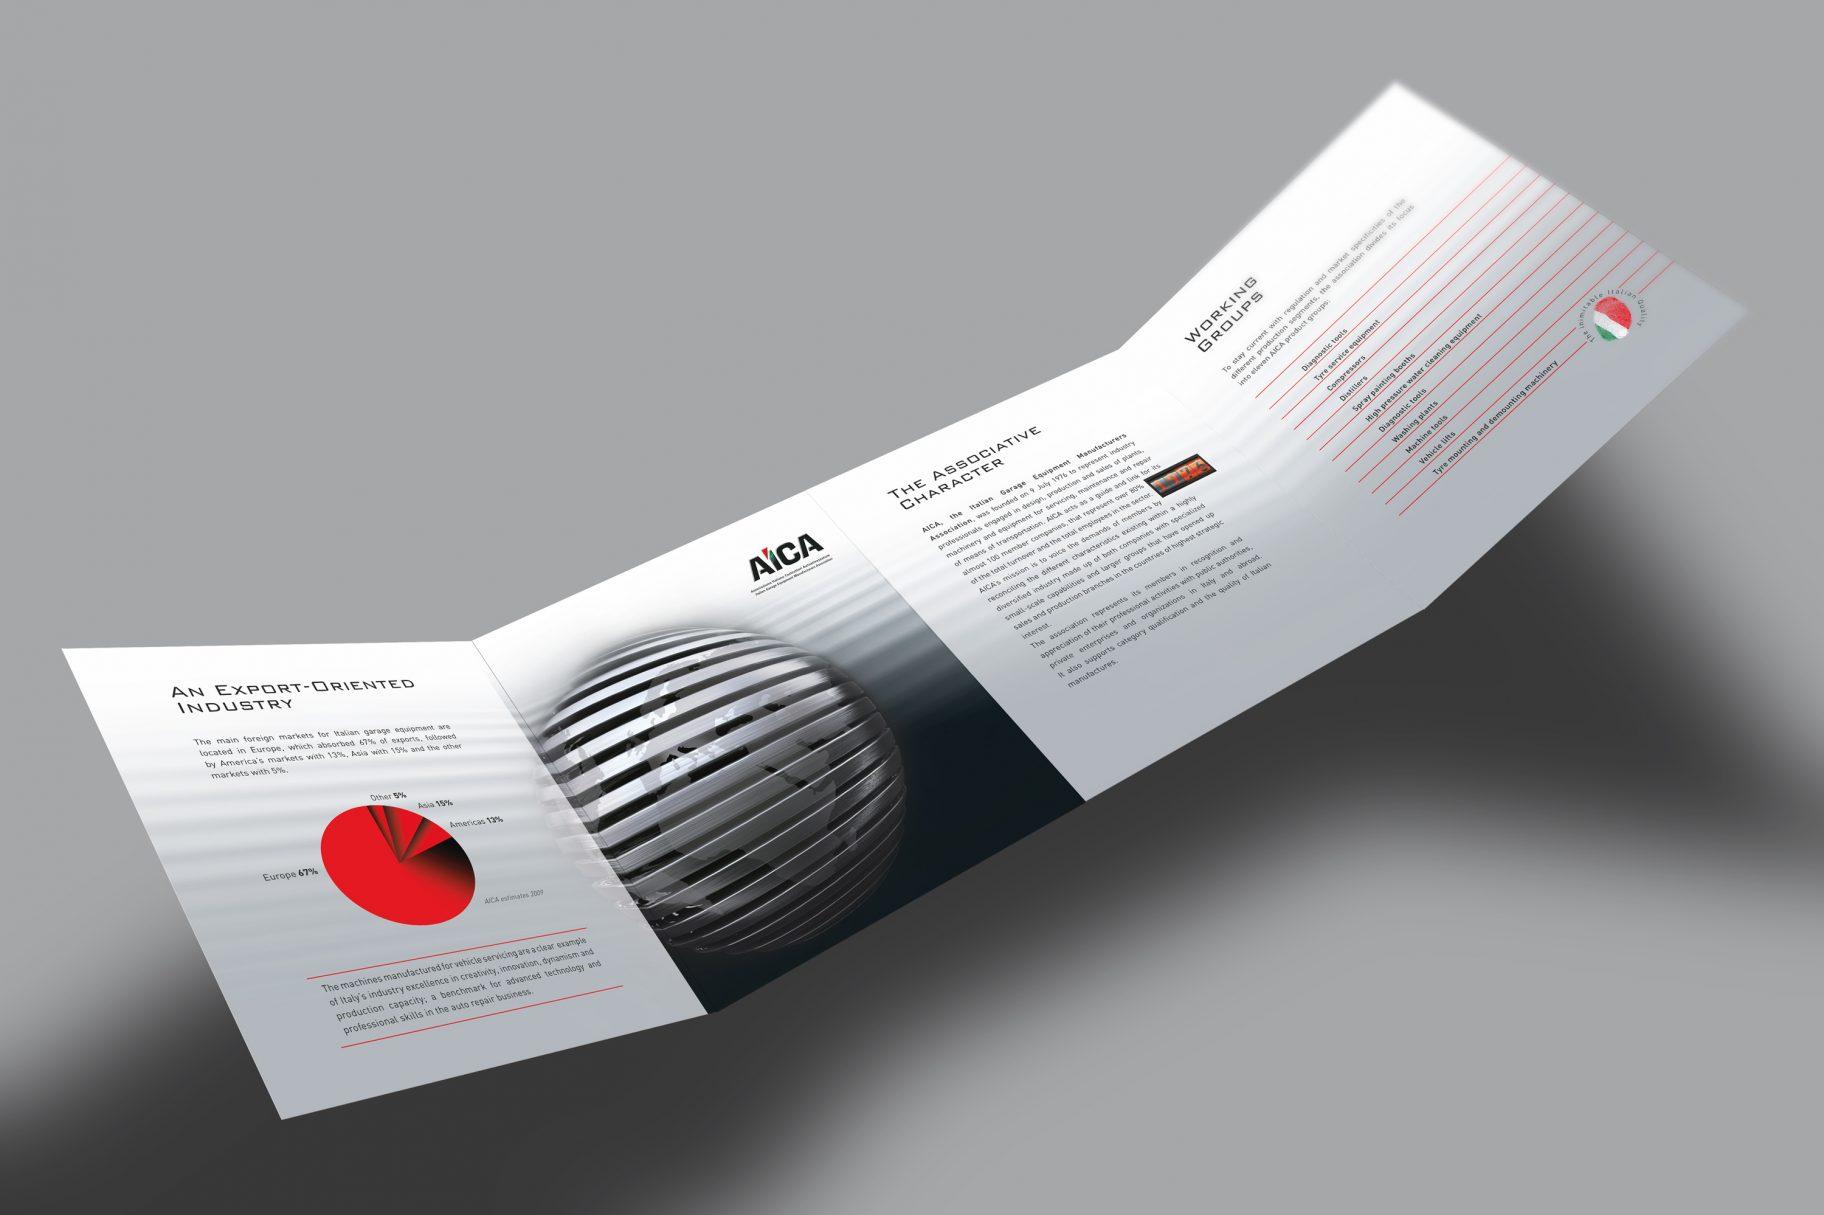 AICA 2011_Brochure-Pieghevole 02